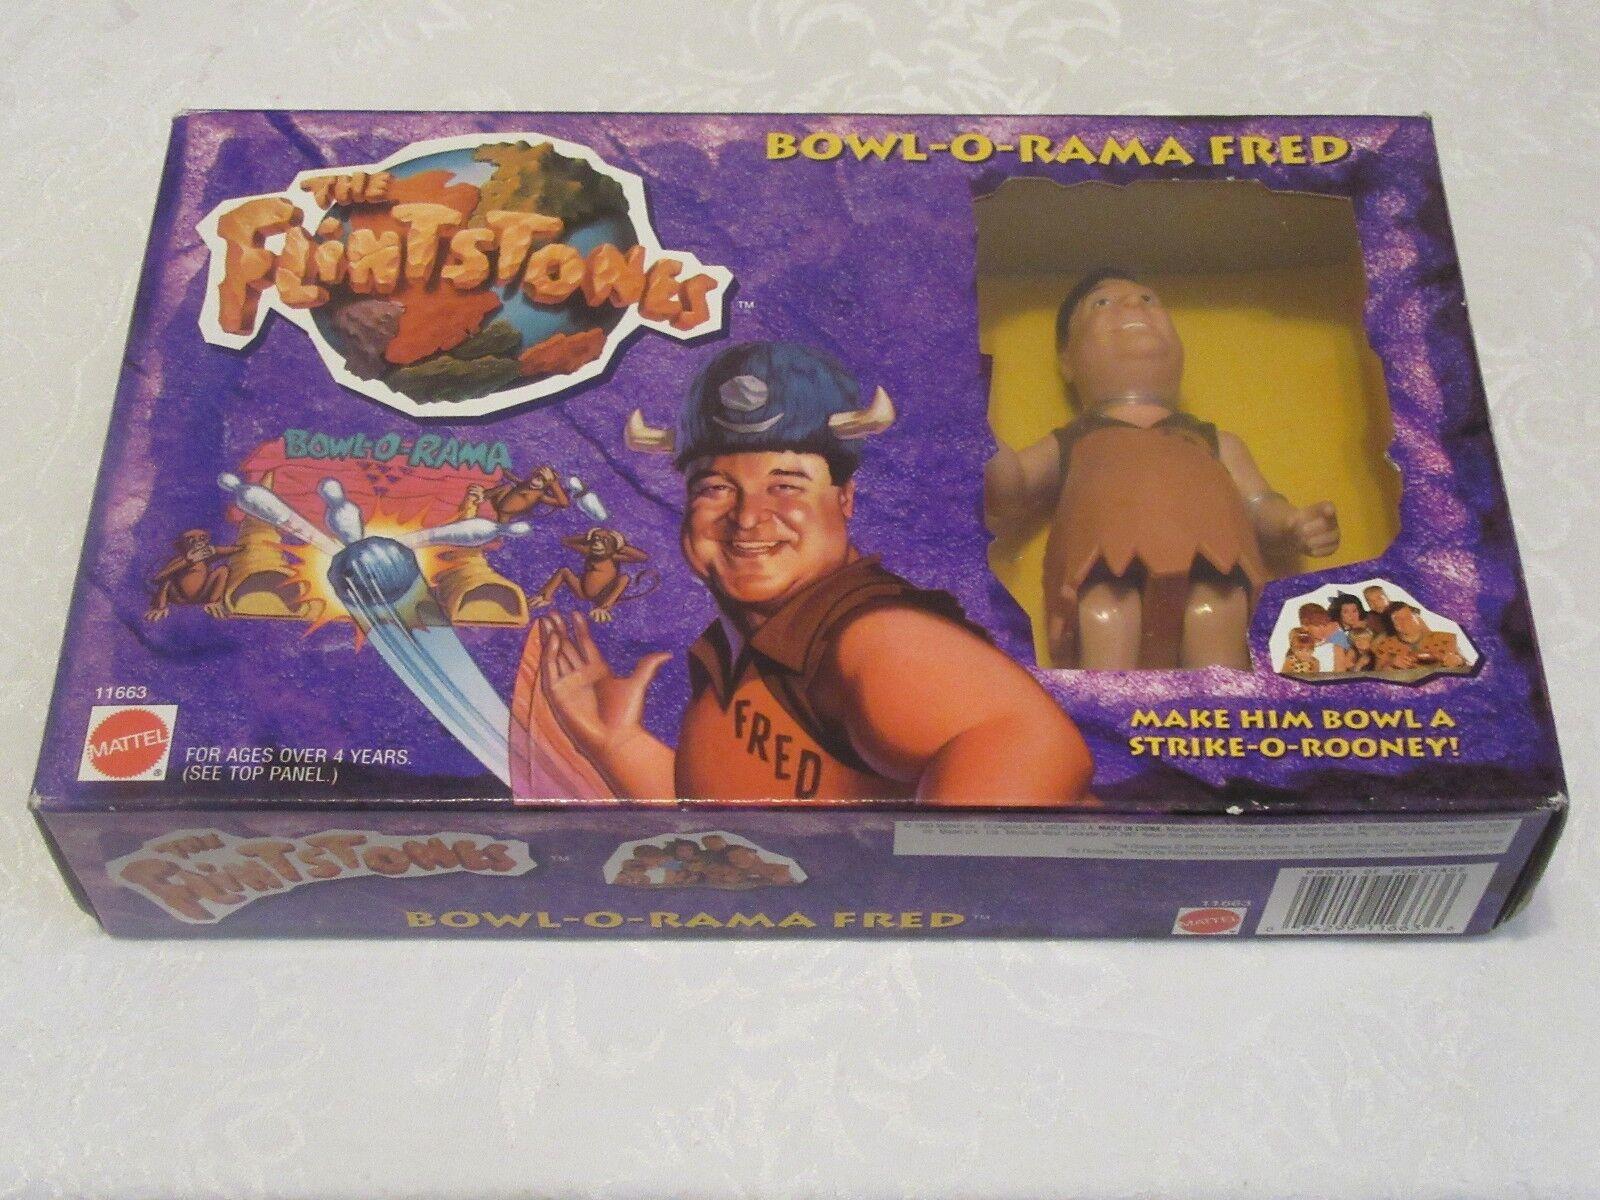 Mattel The Flintstones Bowl-O-Rama Fred Flintstone John Goodman Action Figure Figure Figure d58f80